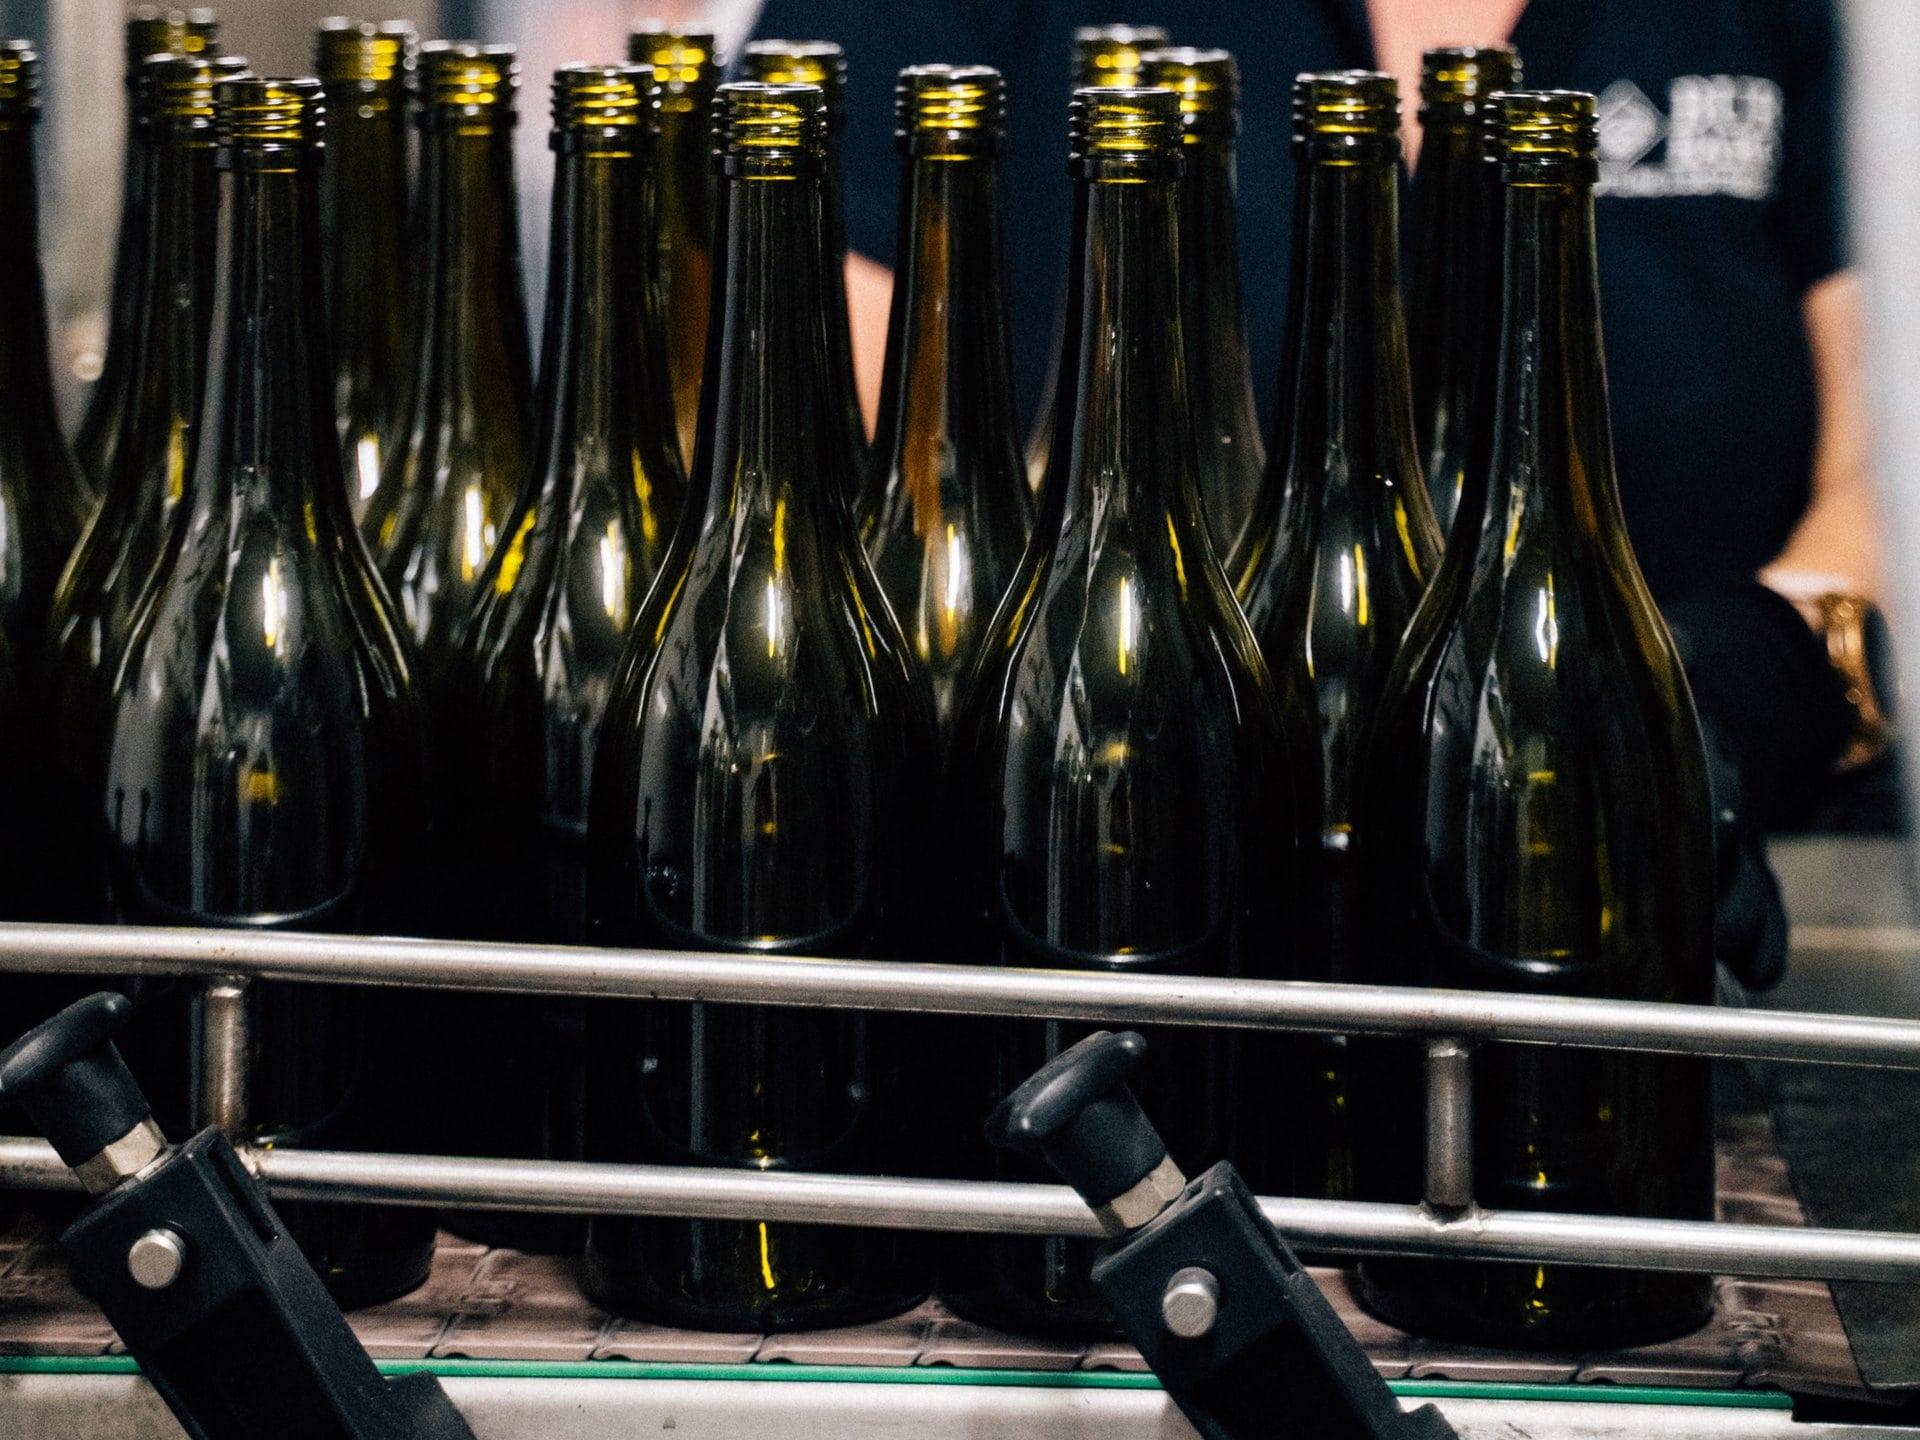 Wine bottles empty on bottling line